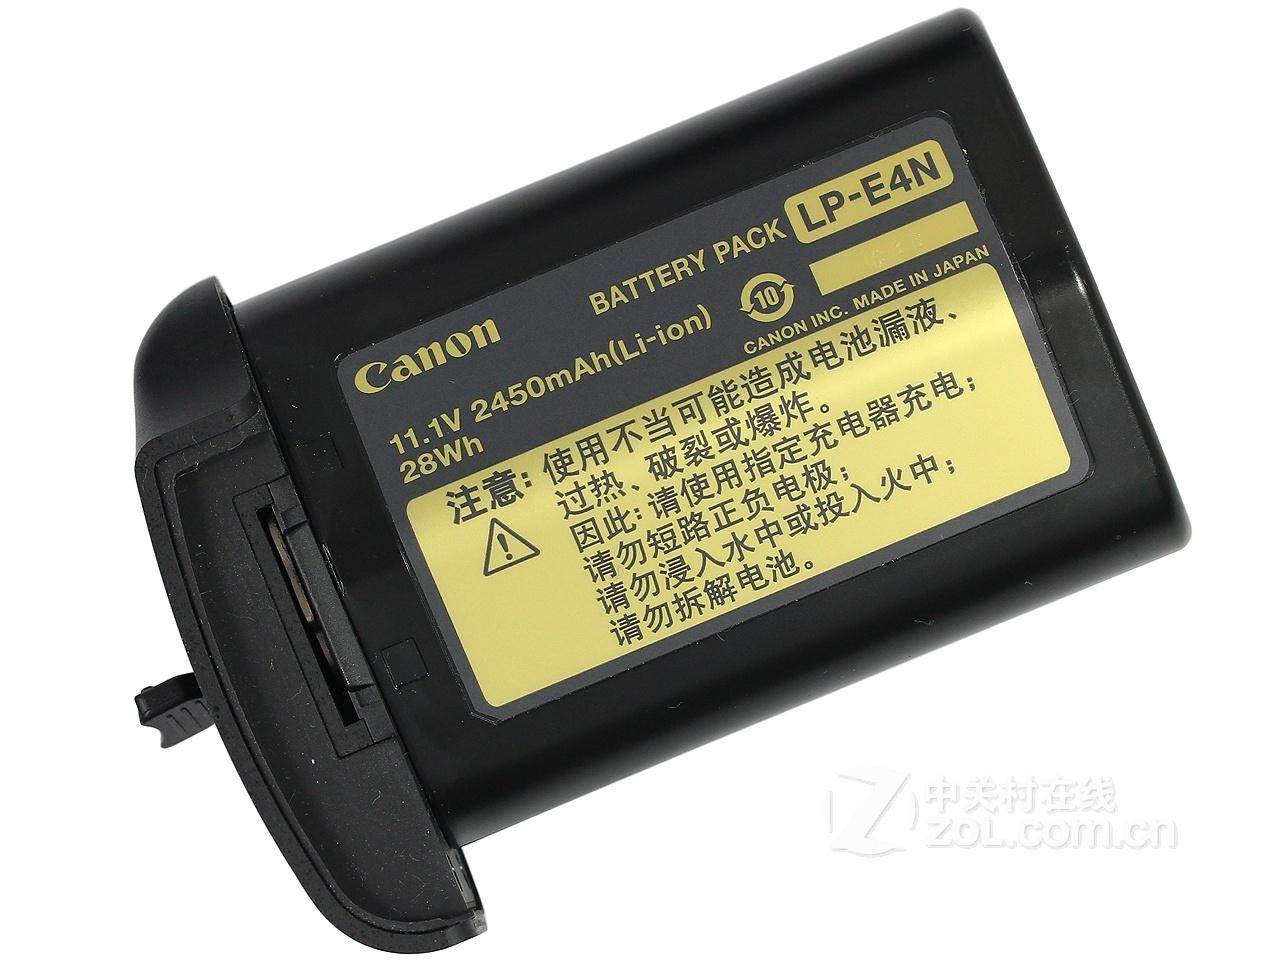 BATTERIA Canon LP-E4N